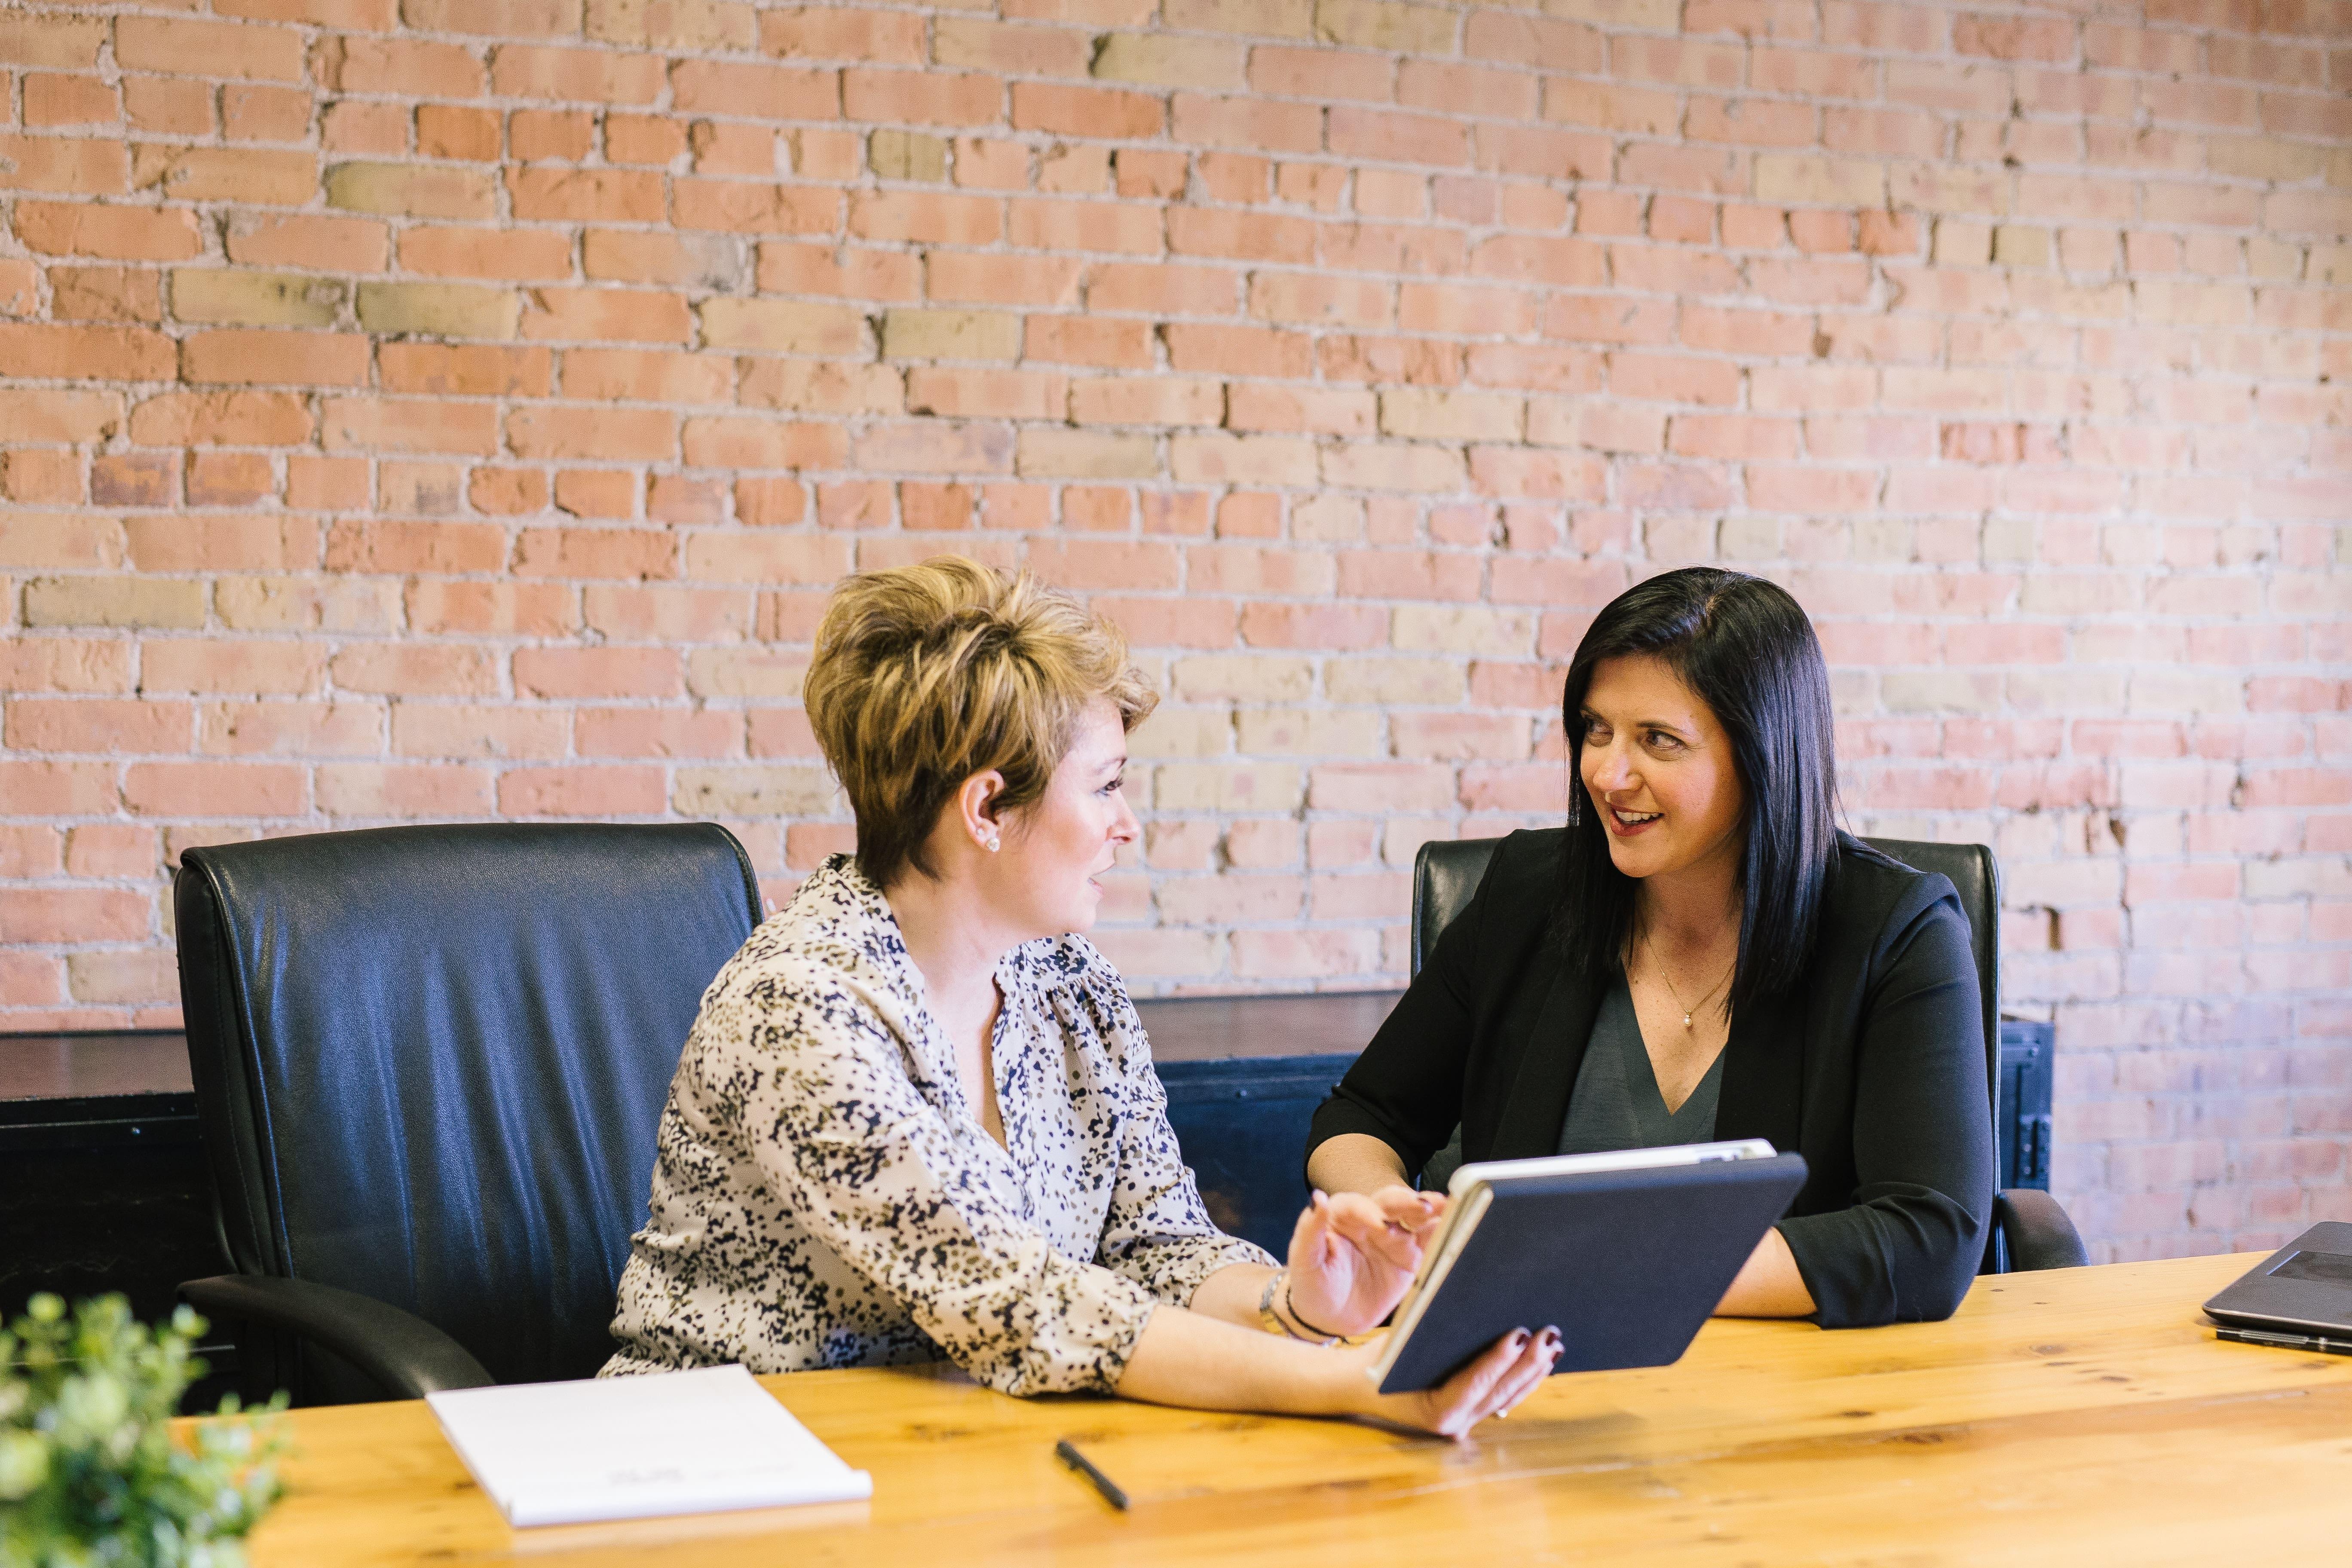 Detectar talento en una entrevista de trabajo